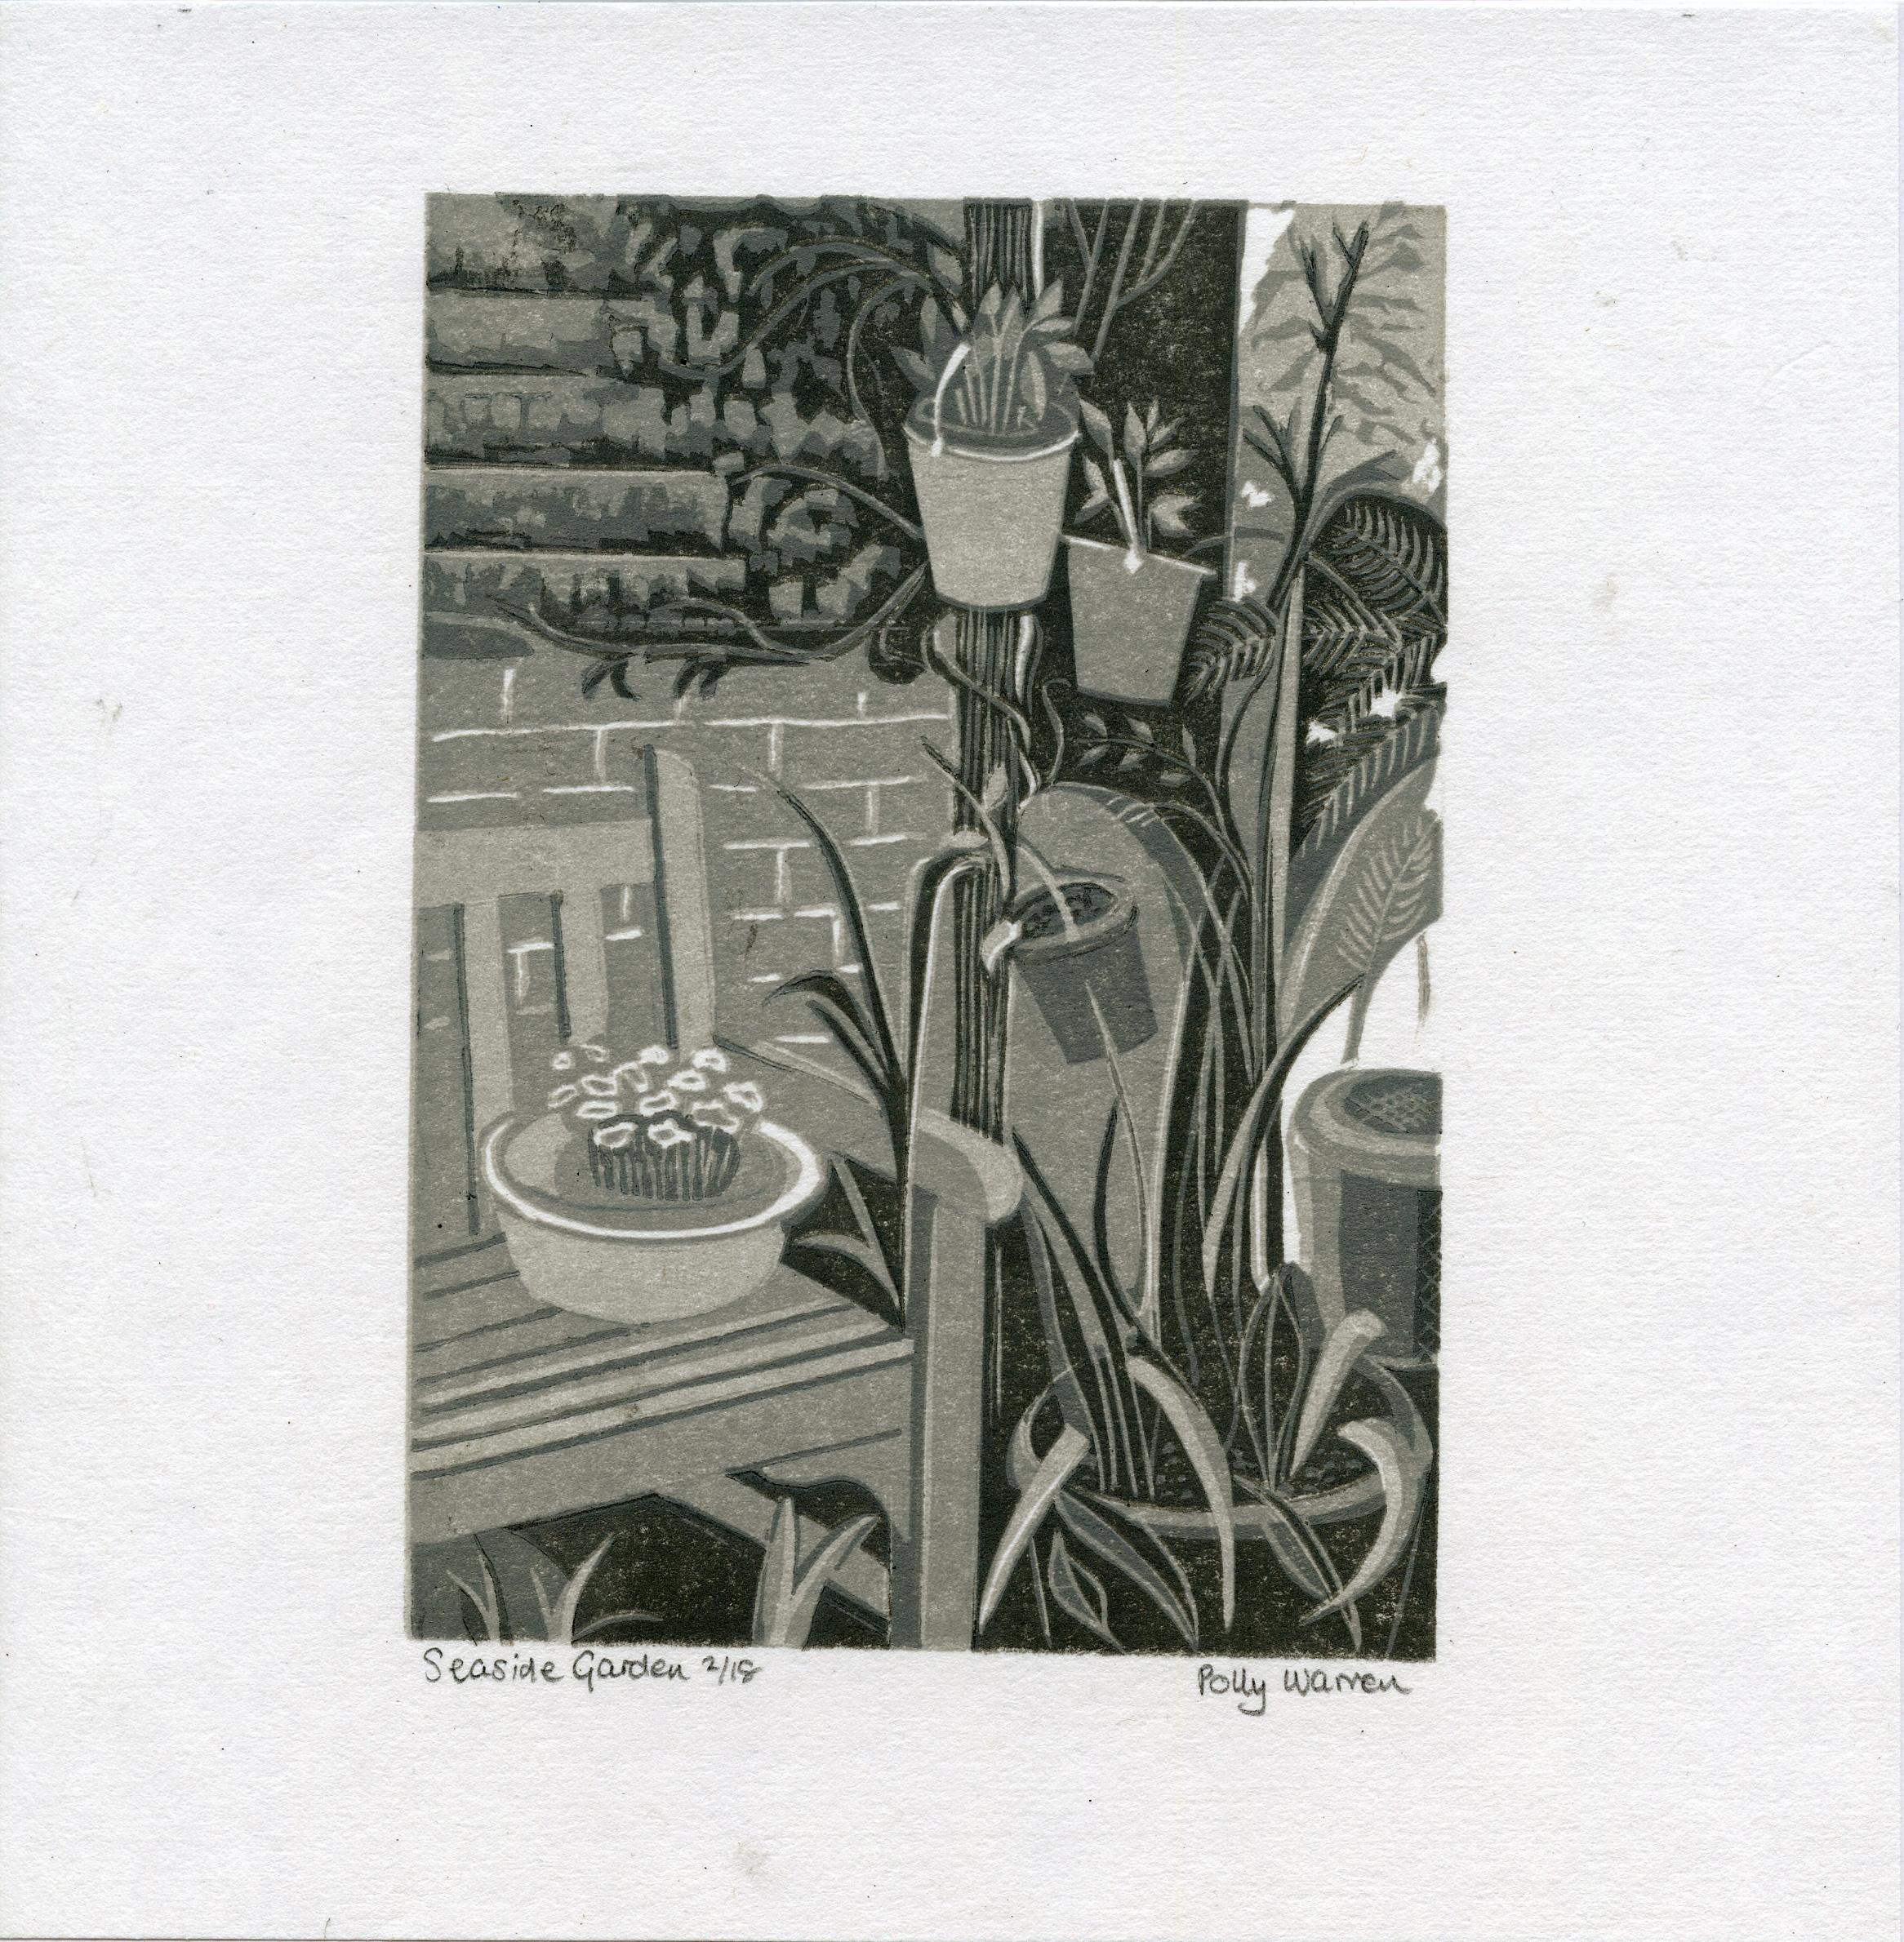 Warren, Polly - Seaside garden - Linocut